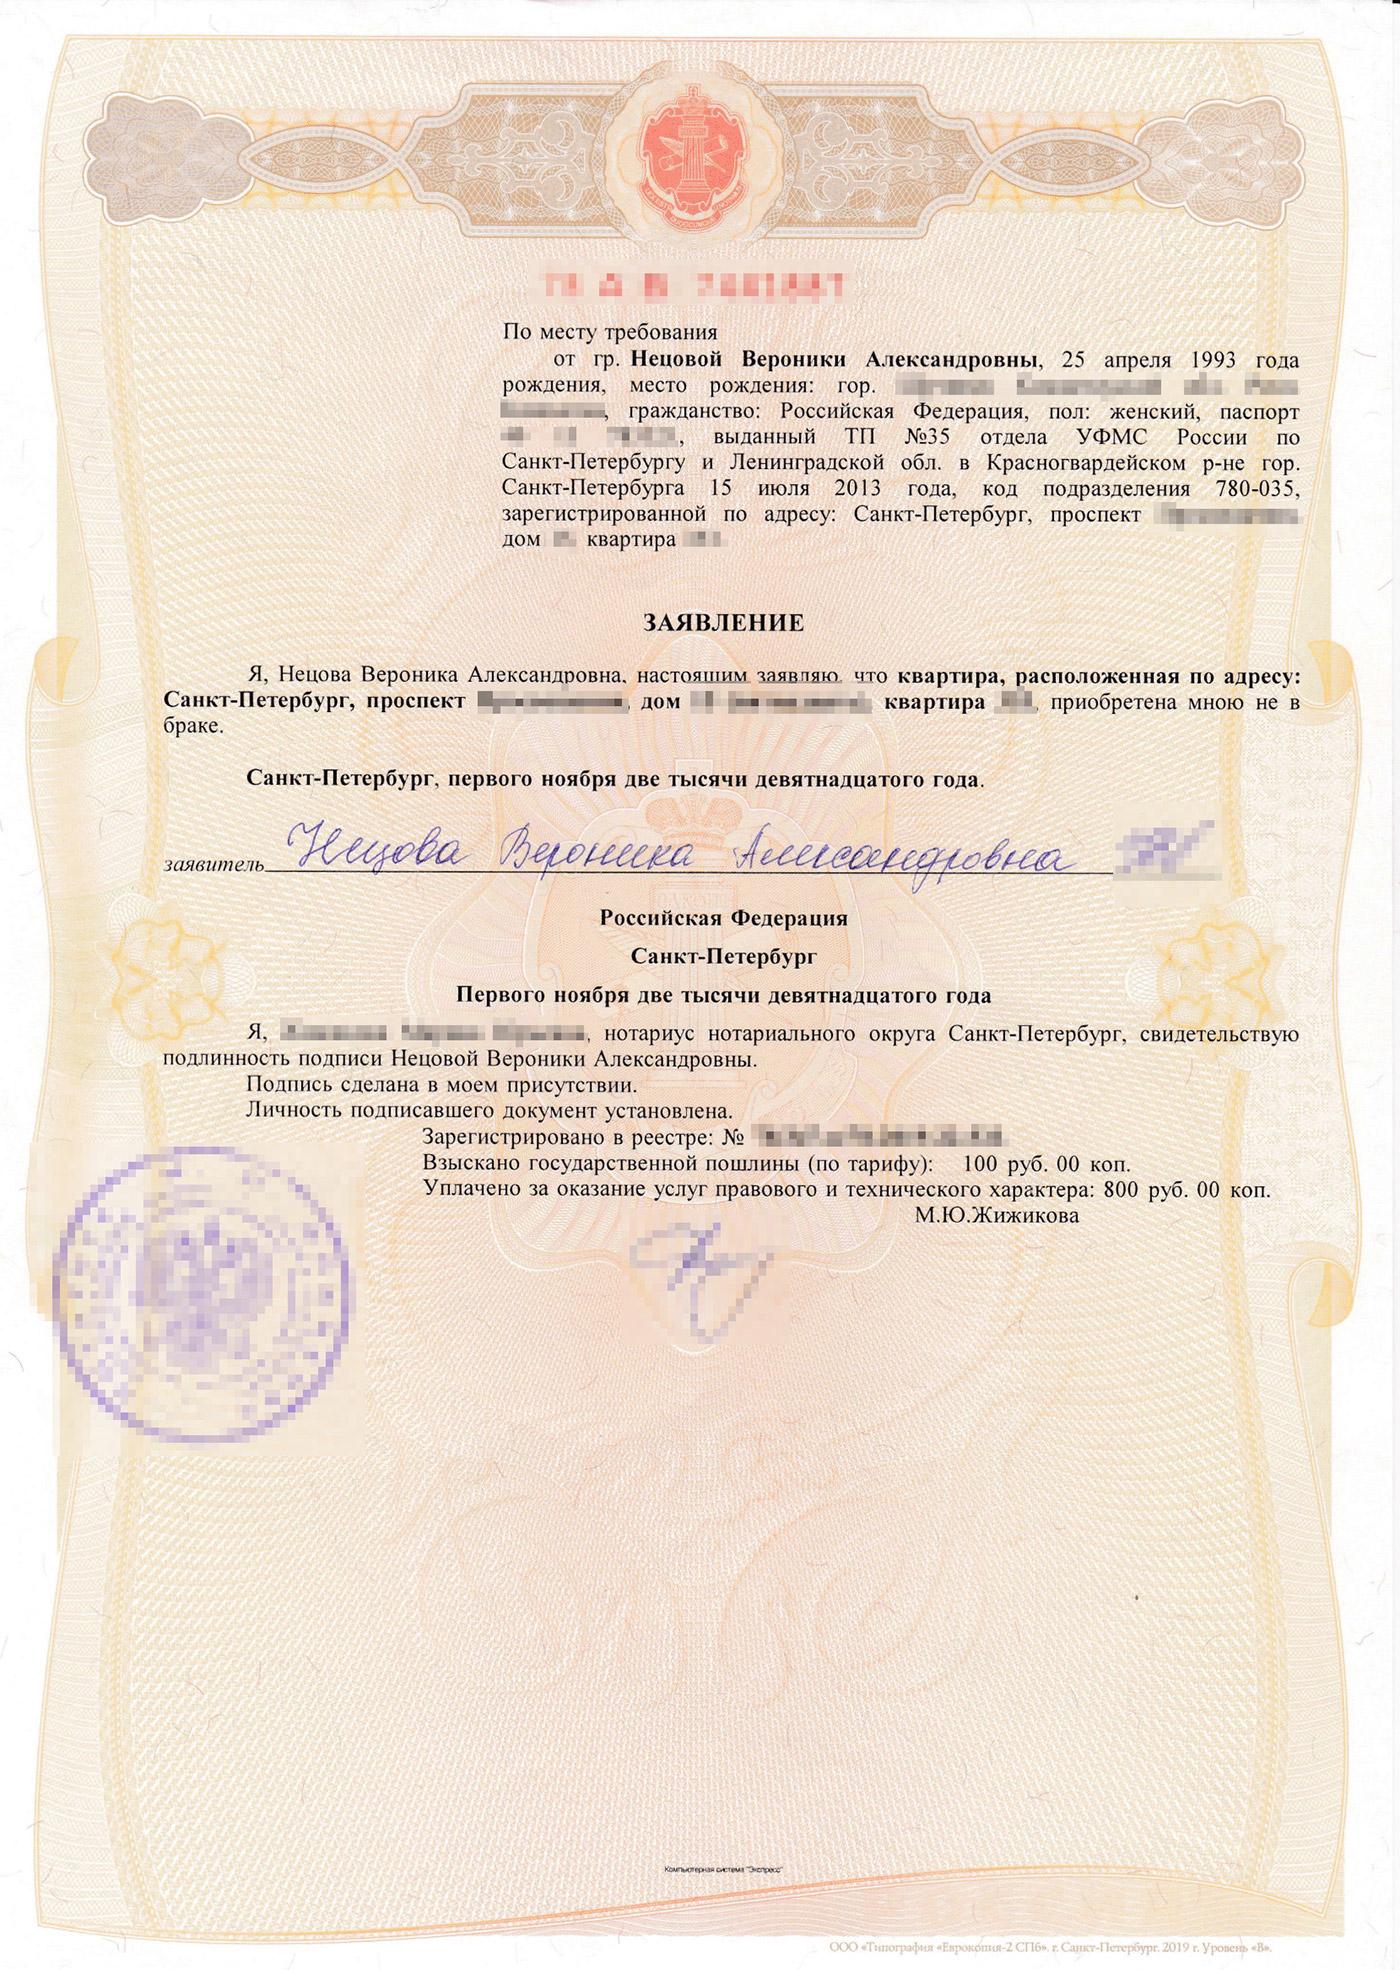 Внимательно проверяйте паспорт продавца и его семейное положение. Если продавец убеждает, что купил квартиру не в браке, попросите нотариальное заявление об этом